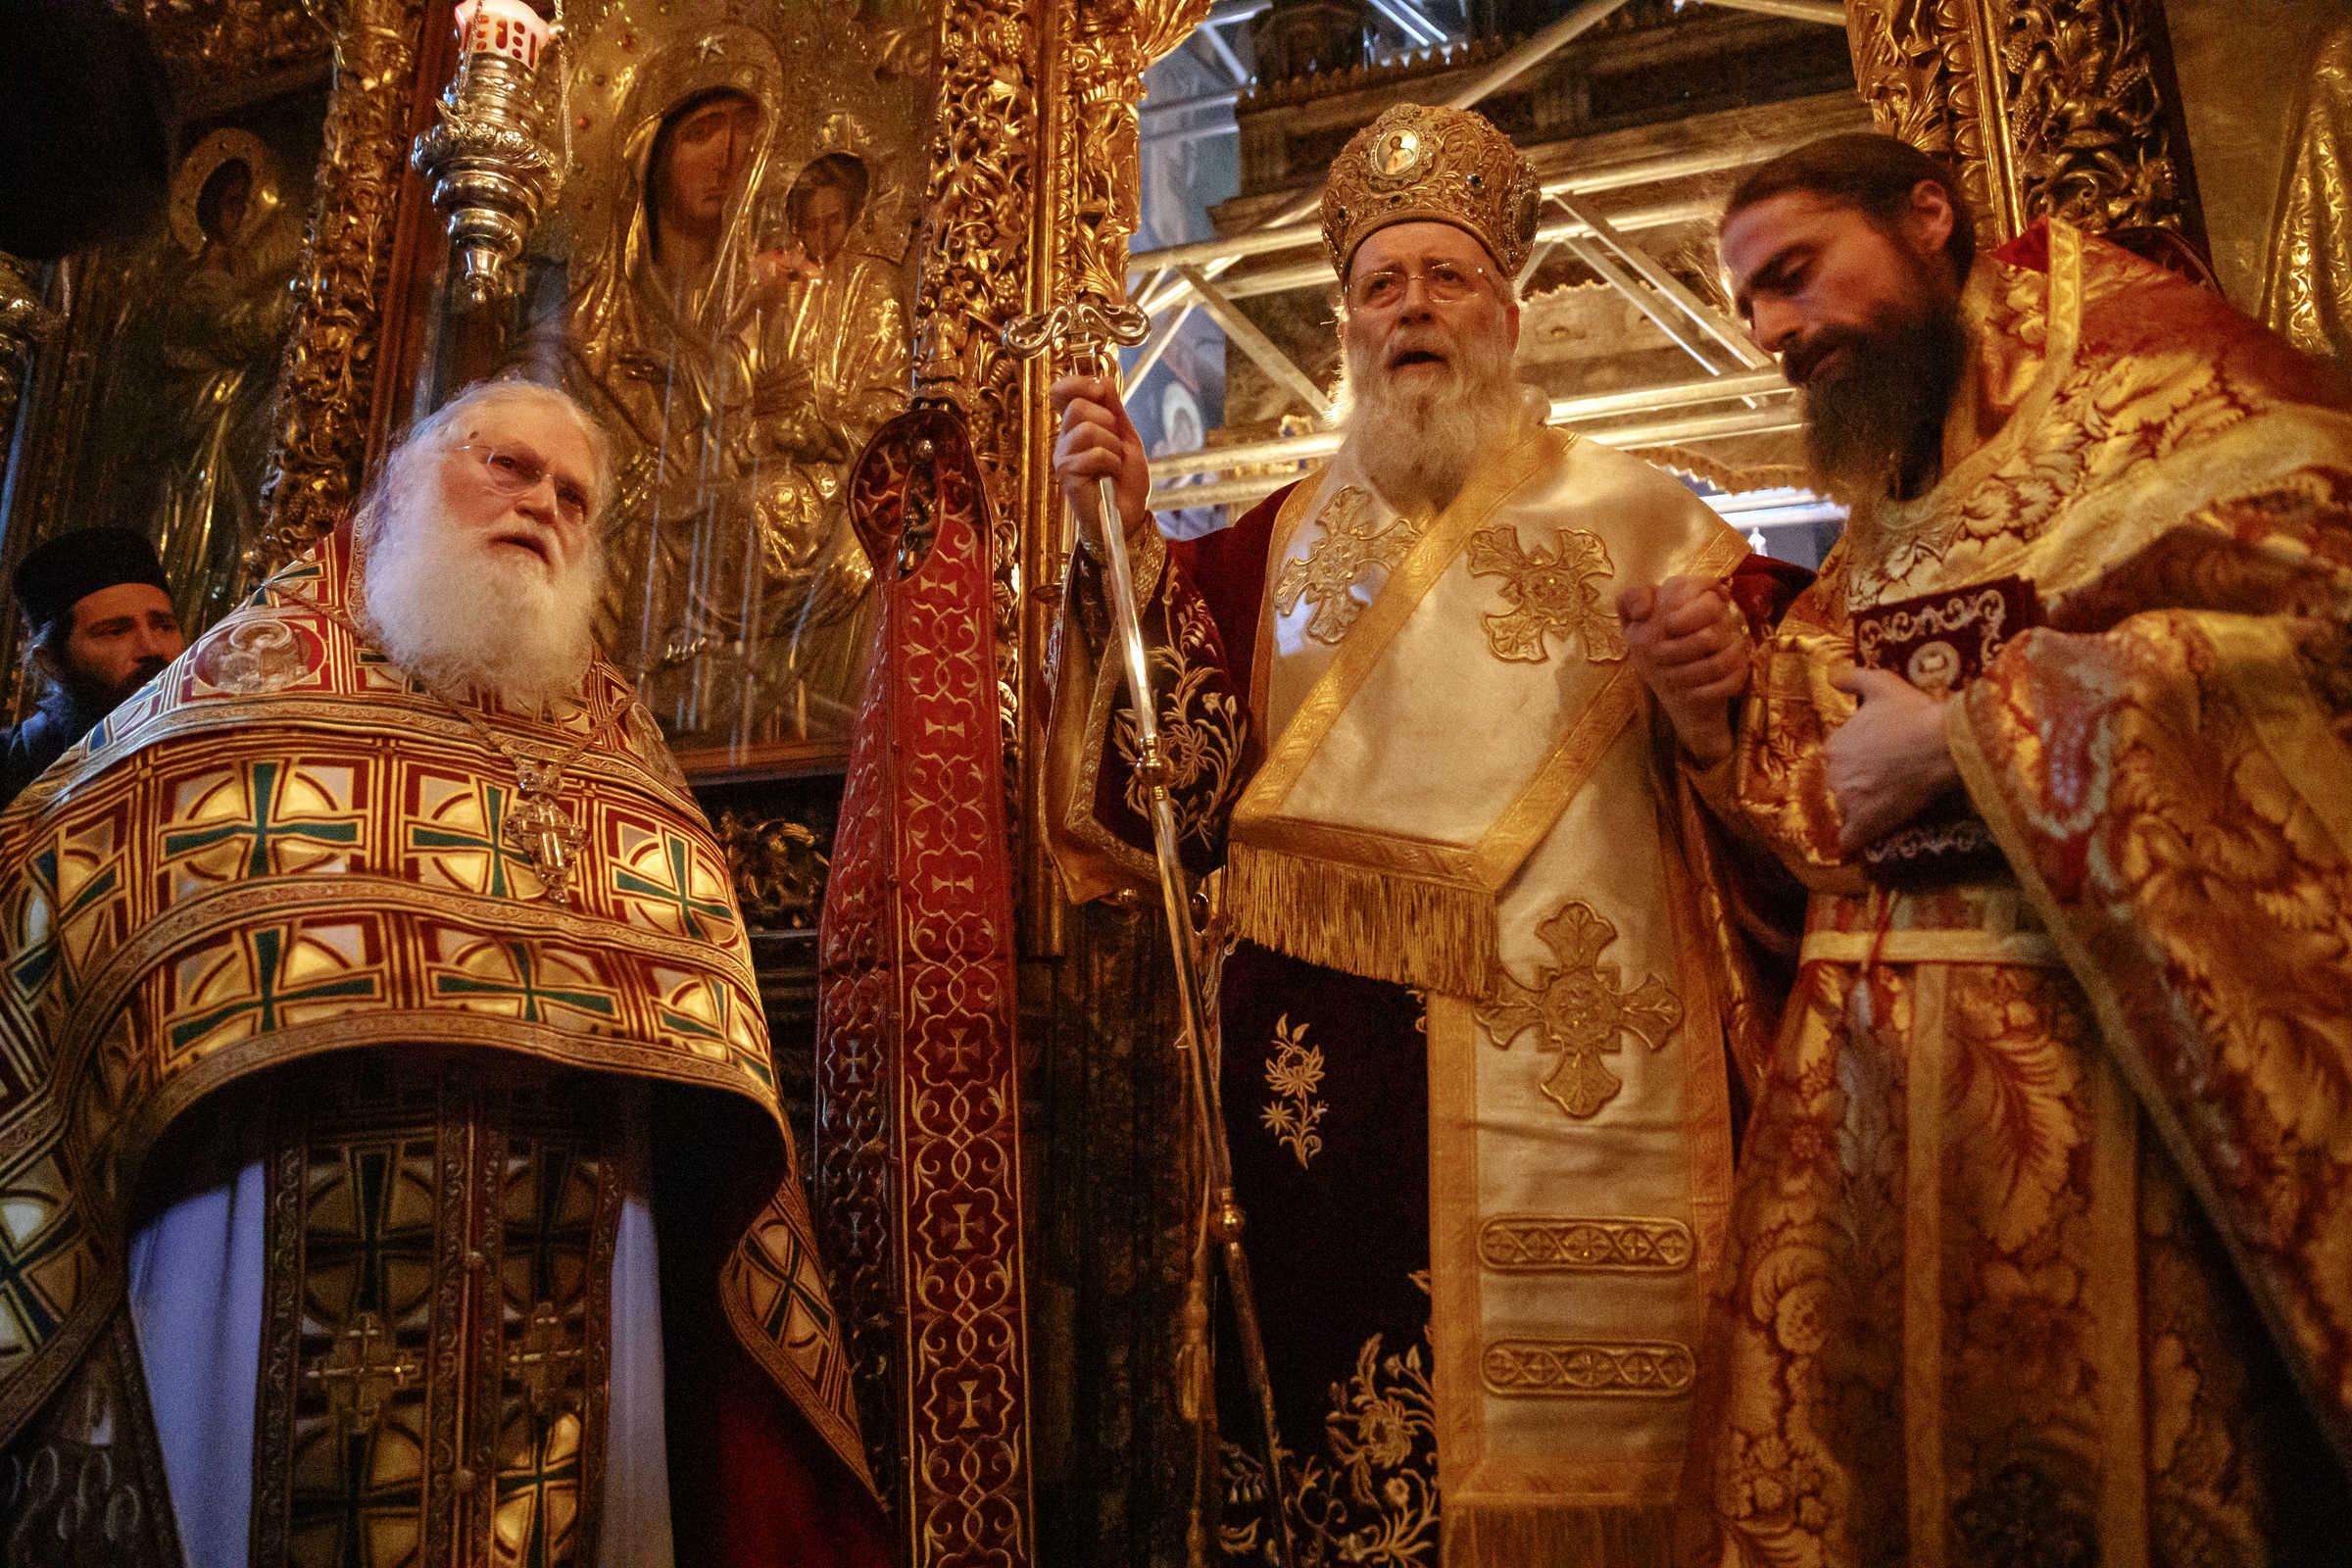 Preotul Ortodox - fotoreportaj de la Întâmpinarea Domnului